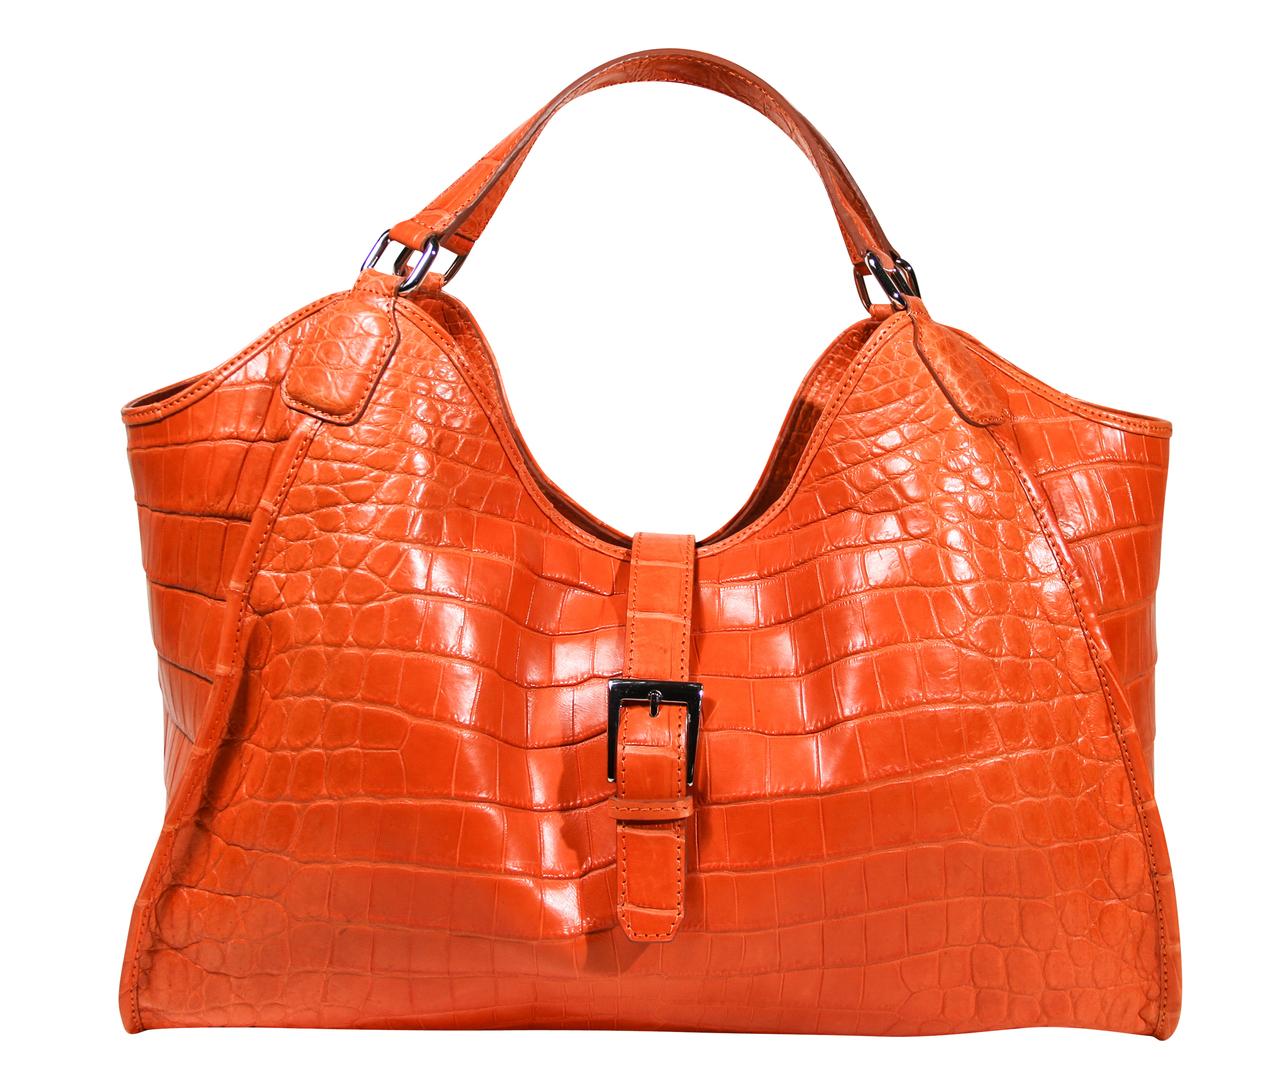 Colette 14' - Orange Crocodile